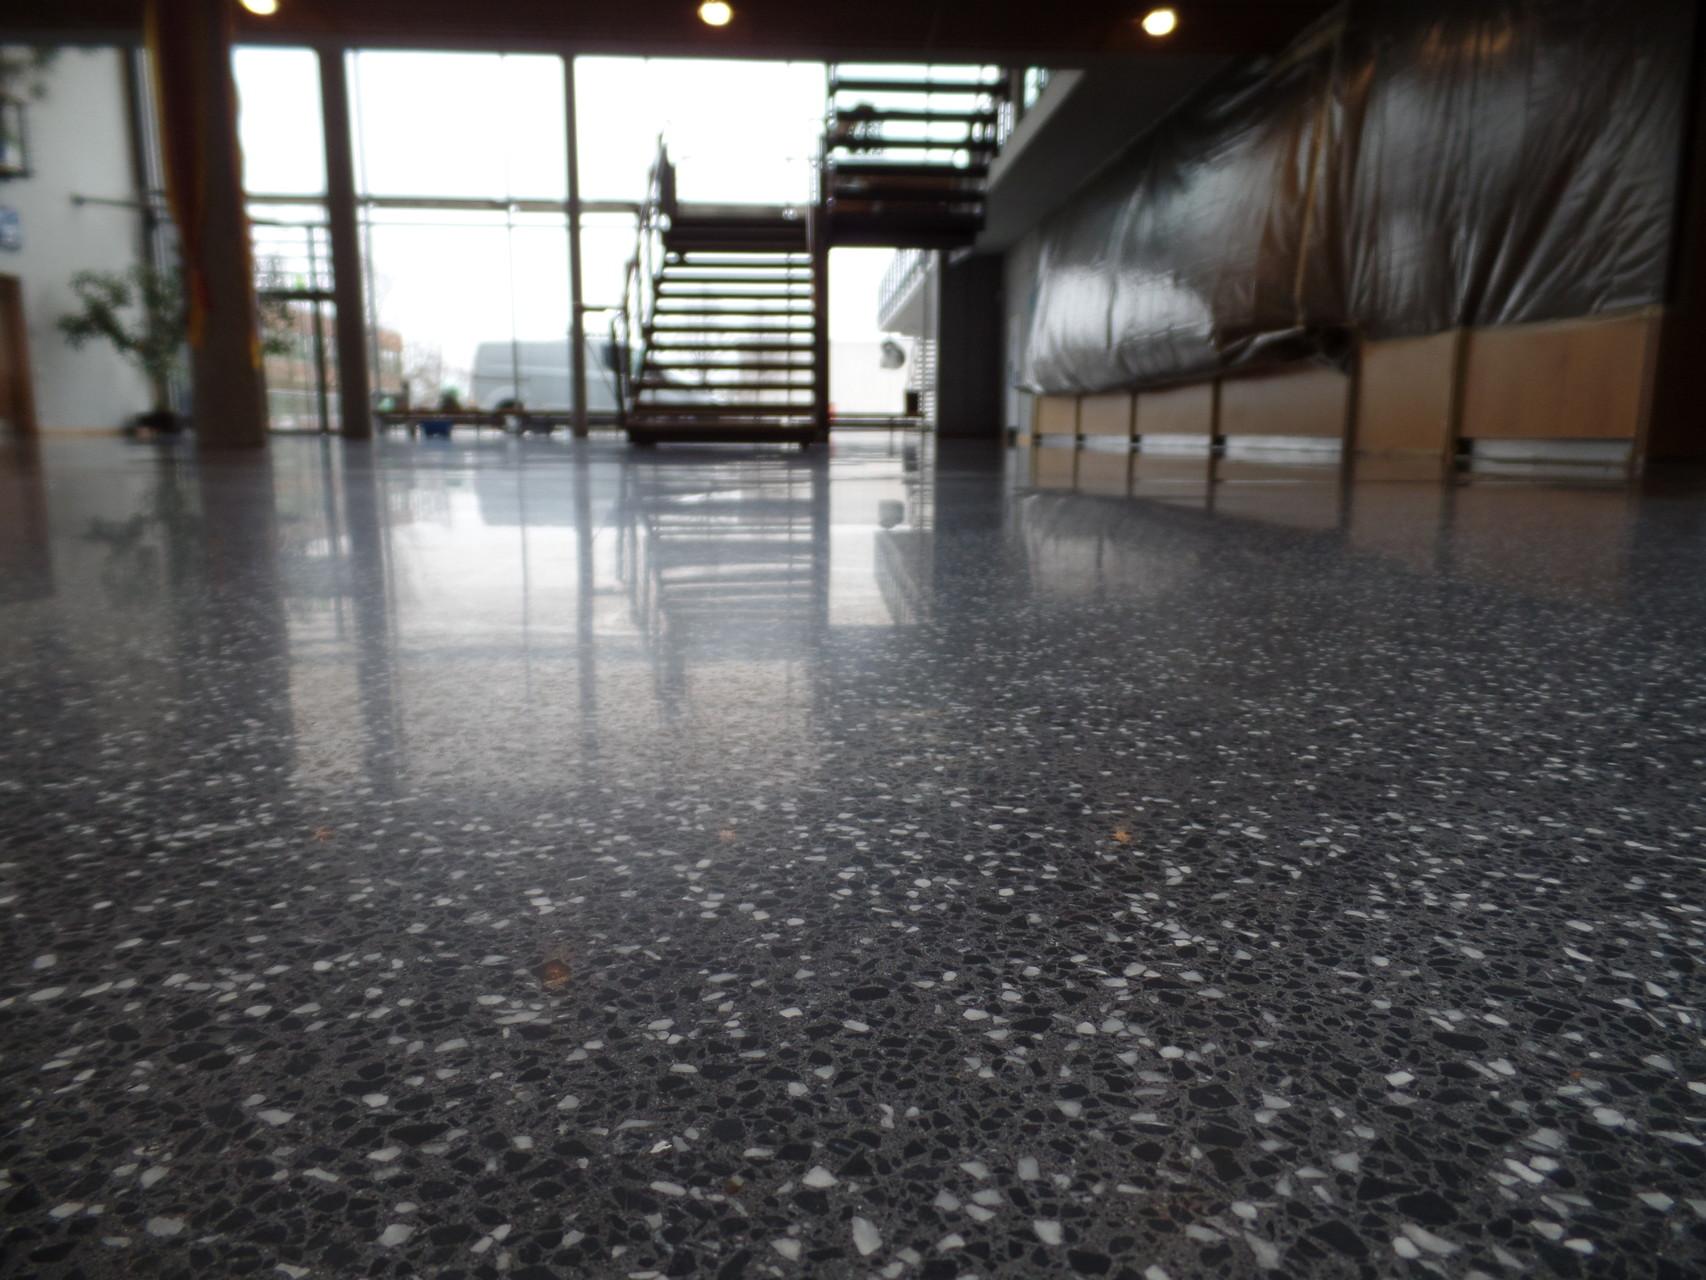 berufsschule passau marmor schleifen marmor schleifen m nchen beton schleifen terrazzo. Black Bedroom Furniture Sets. Home Design Ideas